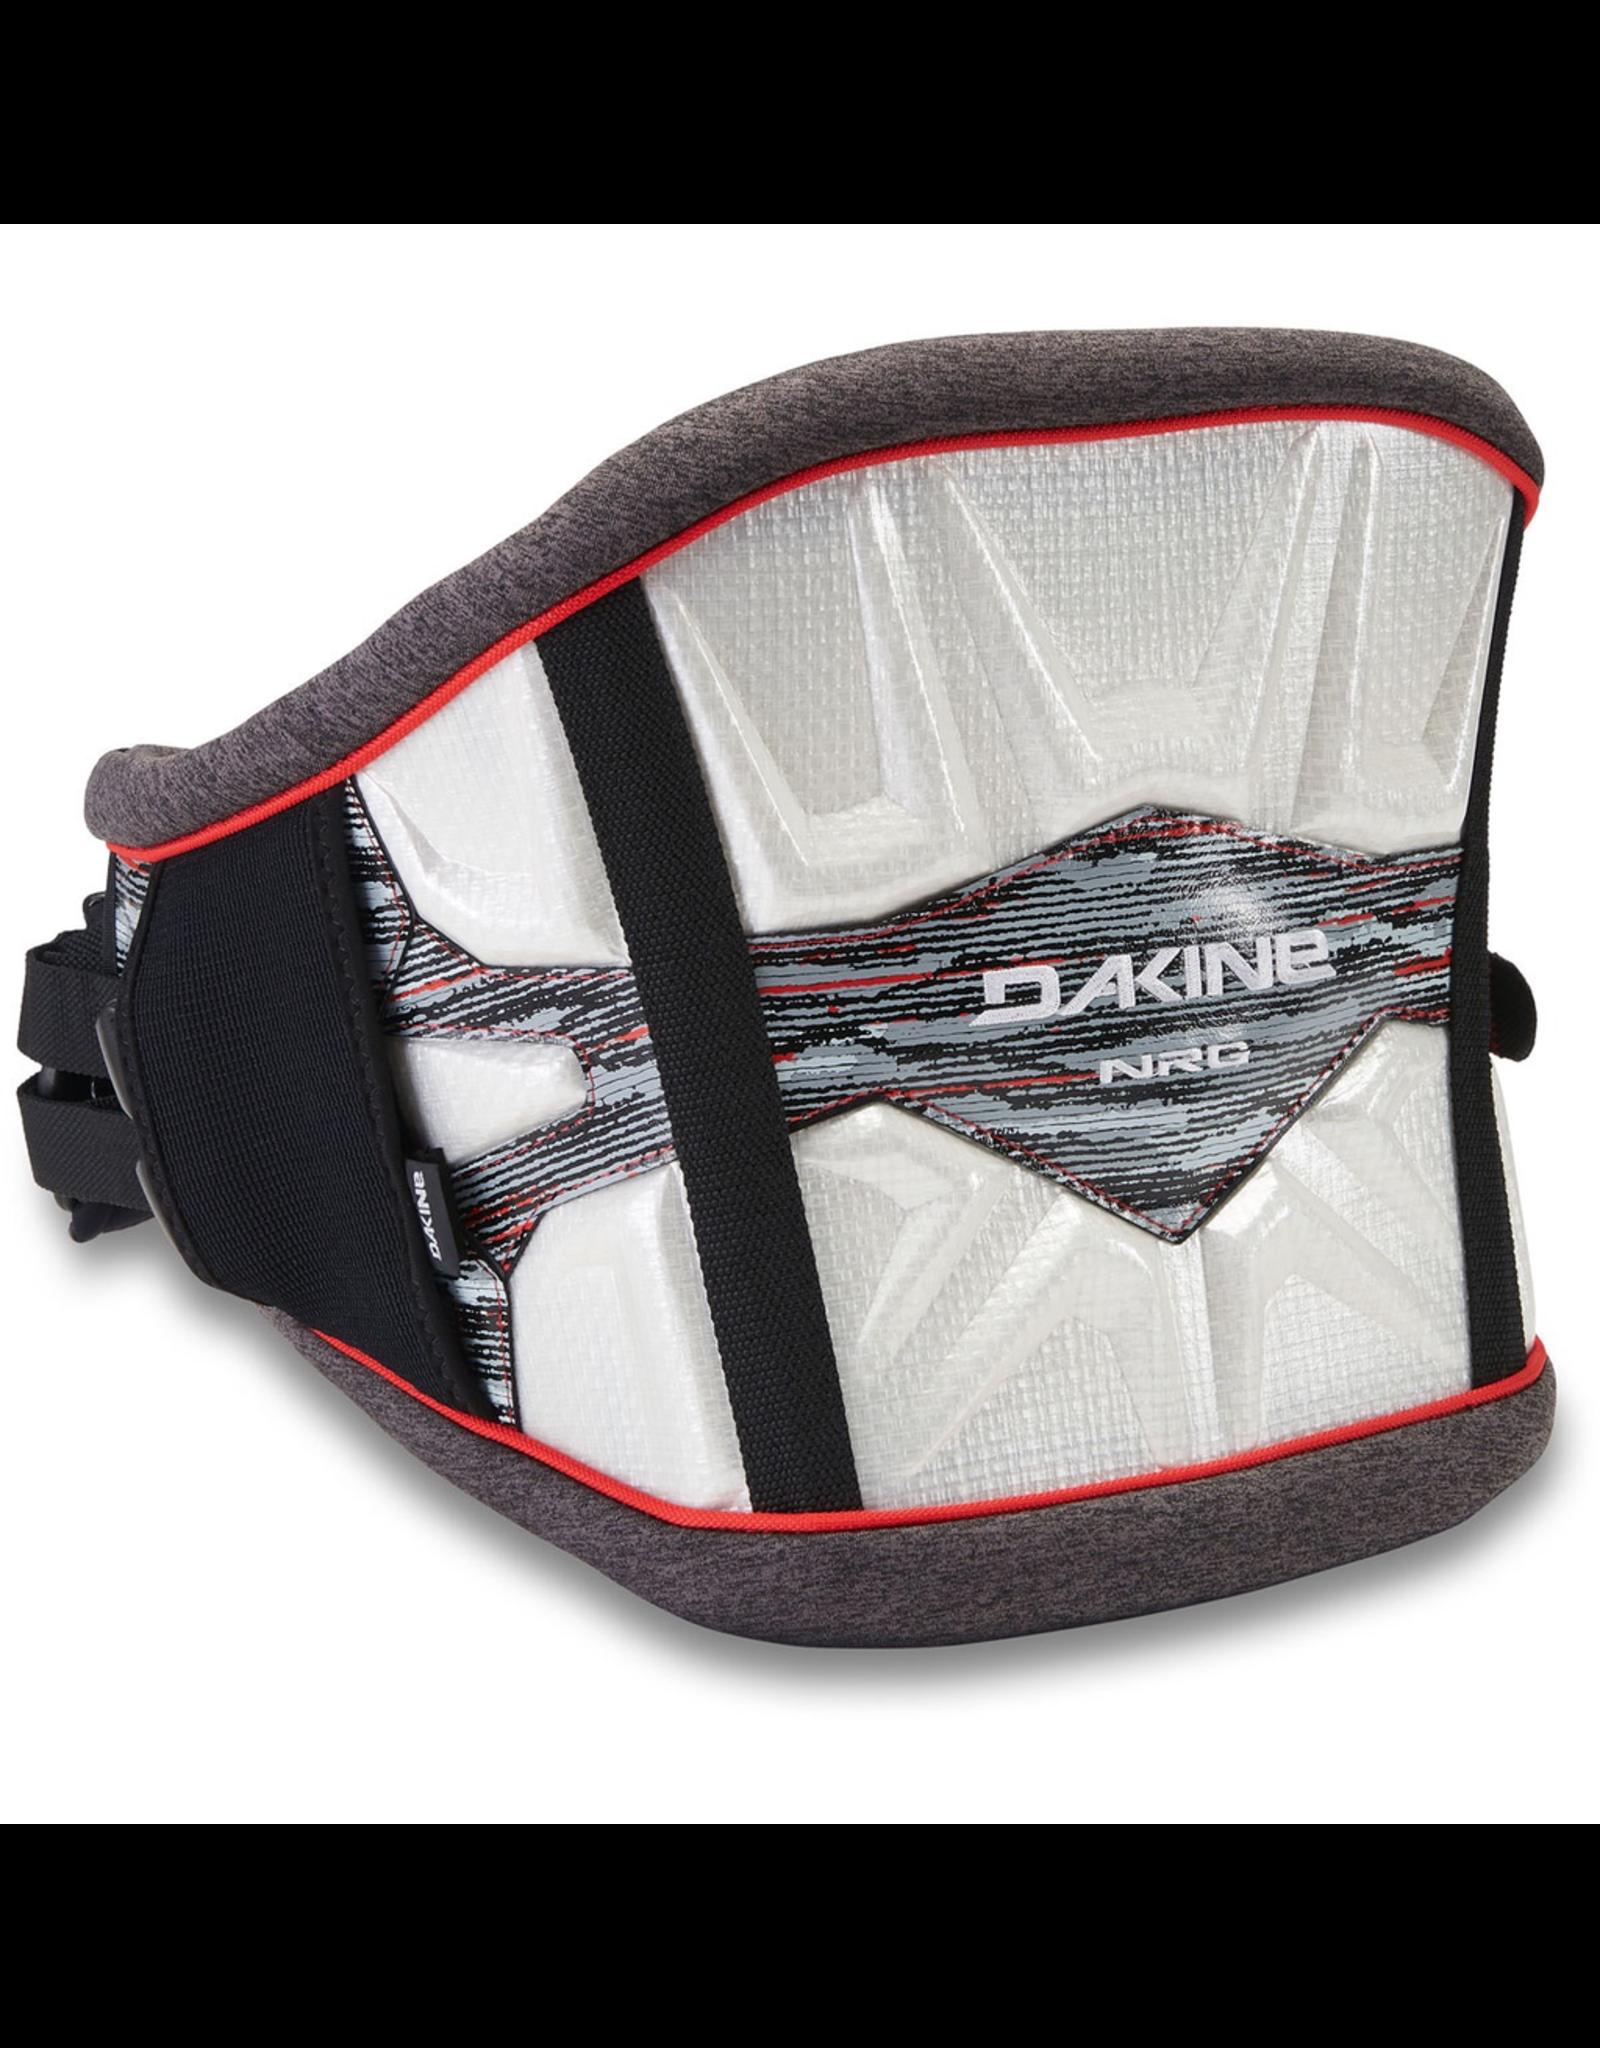 Dakine Dakine -  NRG  - M